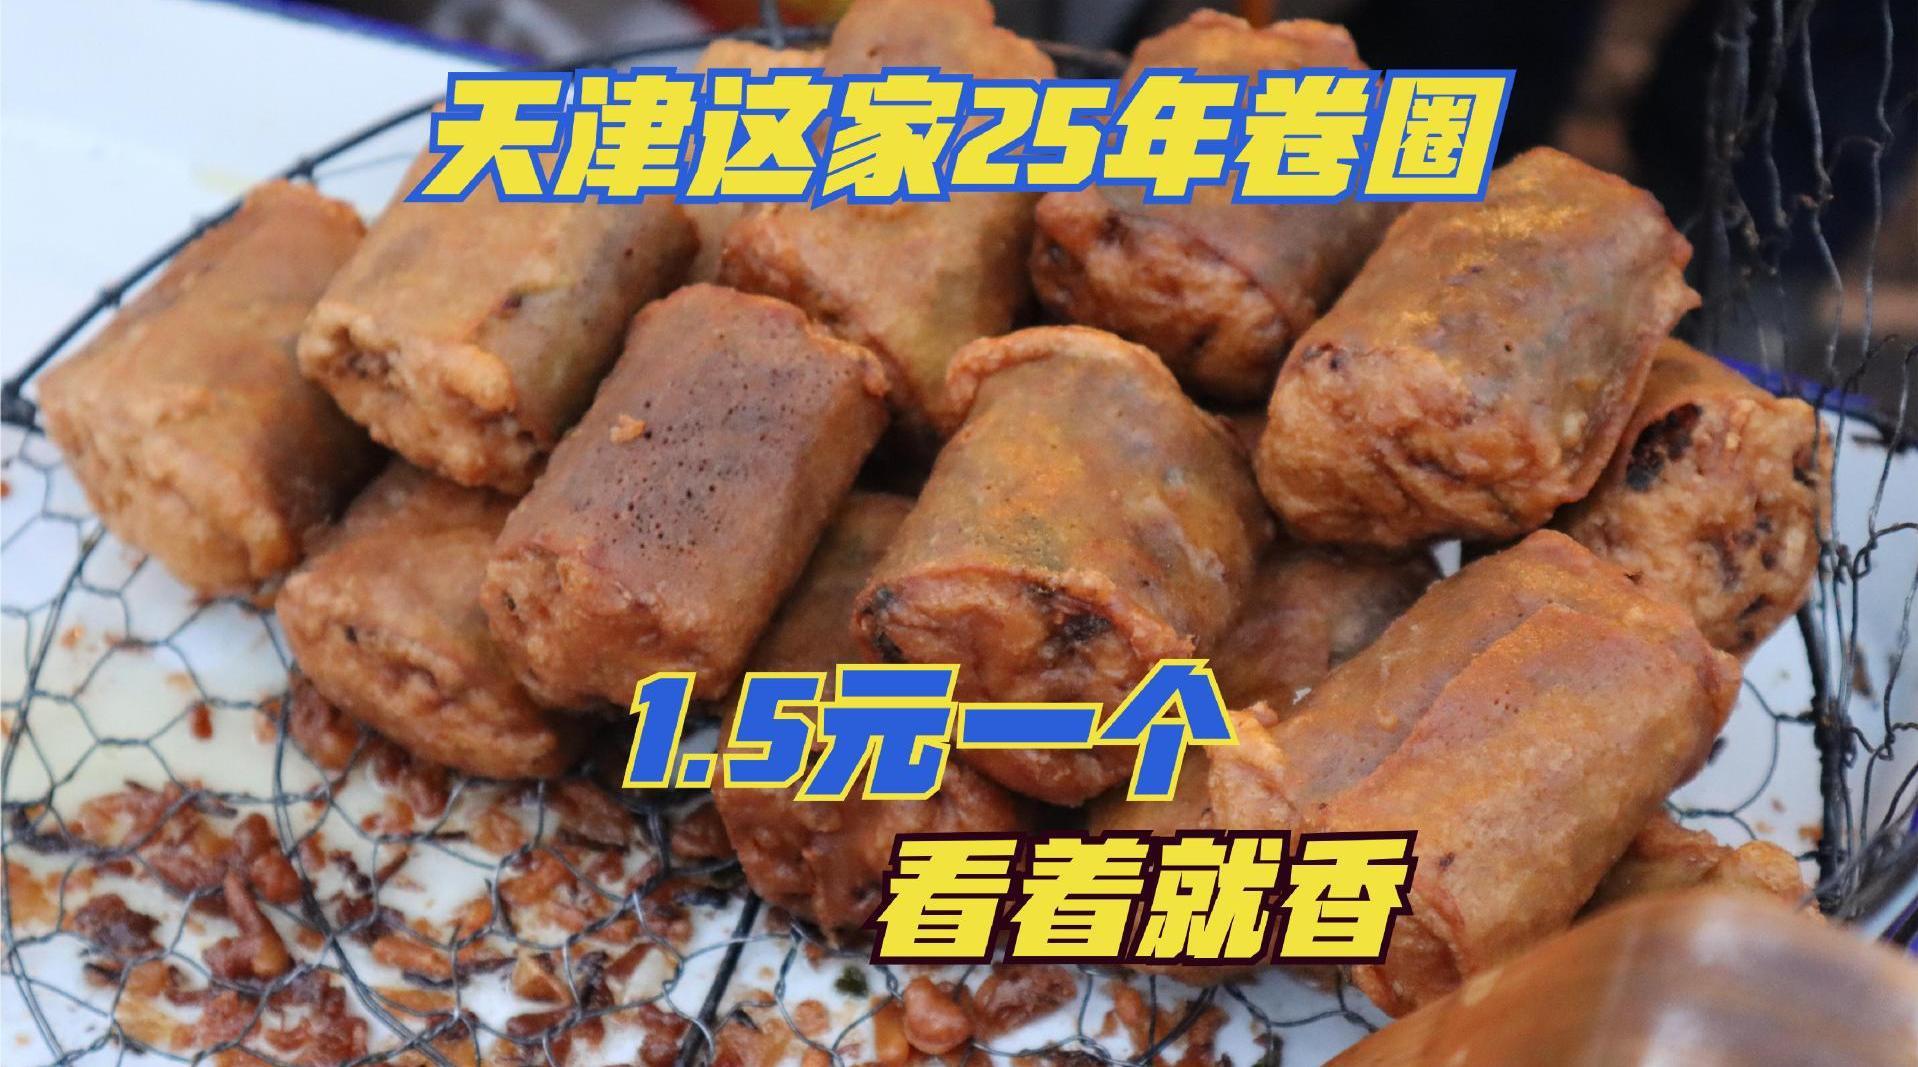 天津25年绿豆皮卷圈,每天凌晨3点多出摊,1.5元一个,看着就香!